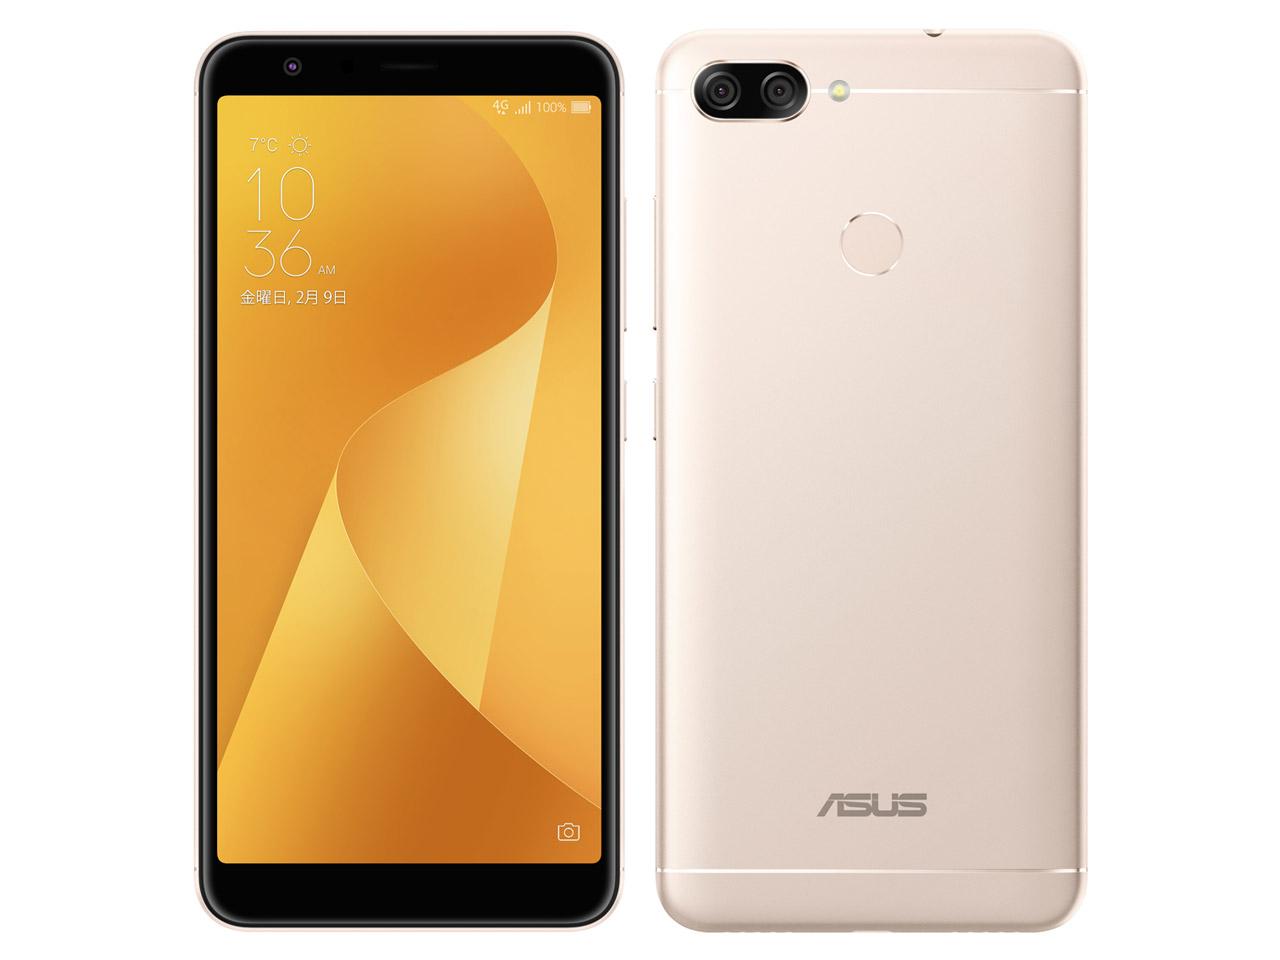 【新品未開封・白ロム・本体】SIMフリーエイスース ASUS ZenFone Max Plus (M1) ZB570TL-GD32S4 サンライトゴールド スマートフォン 携帯電話 zb570tl GOLD ZB570TL  zenfone max plus m1